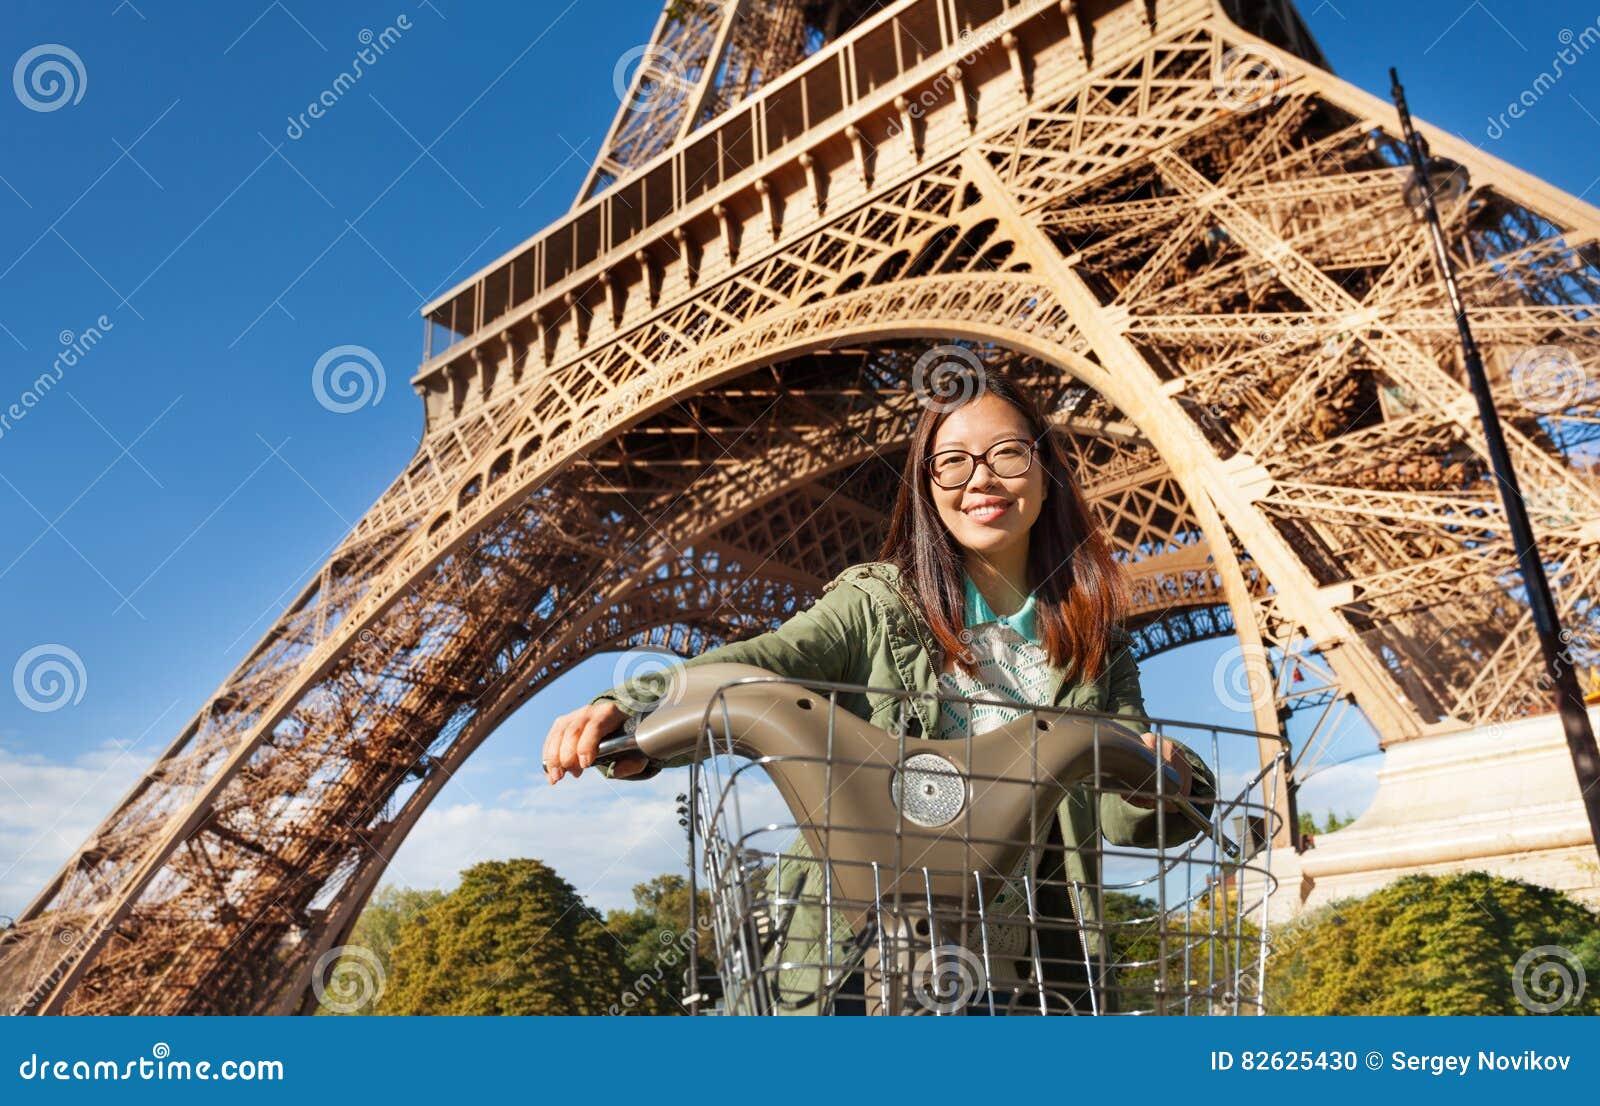 Fahrrad der recht jungen Frau Reitnahe Eiffelturm